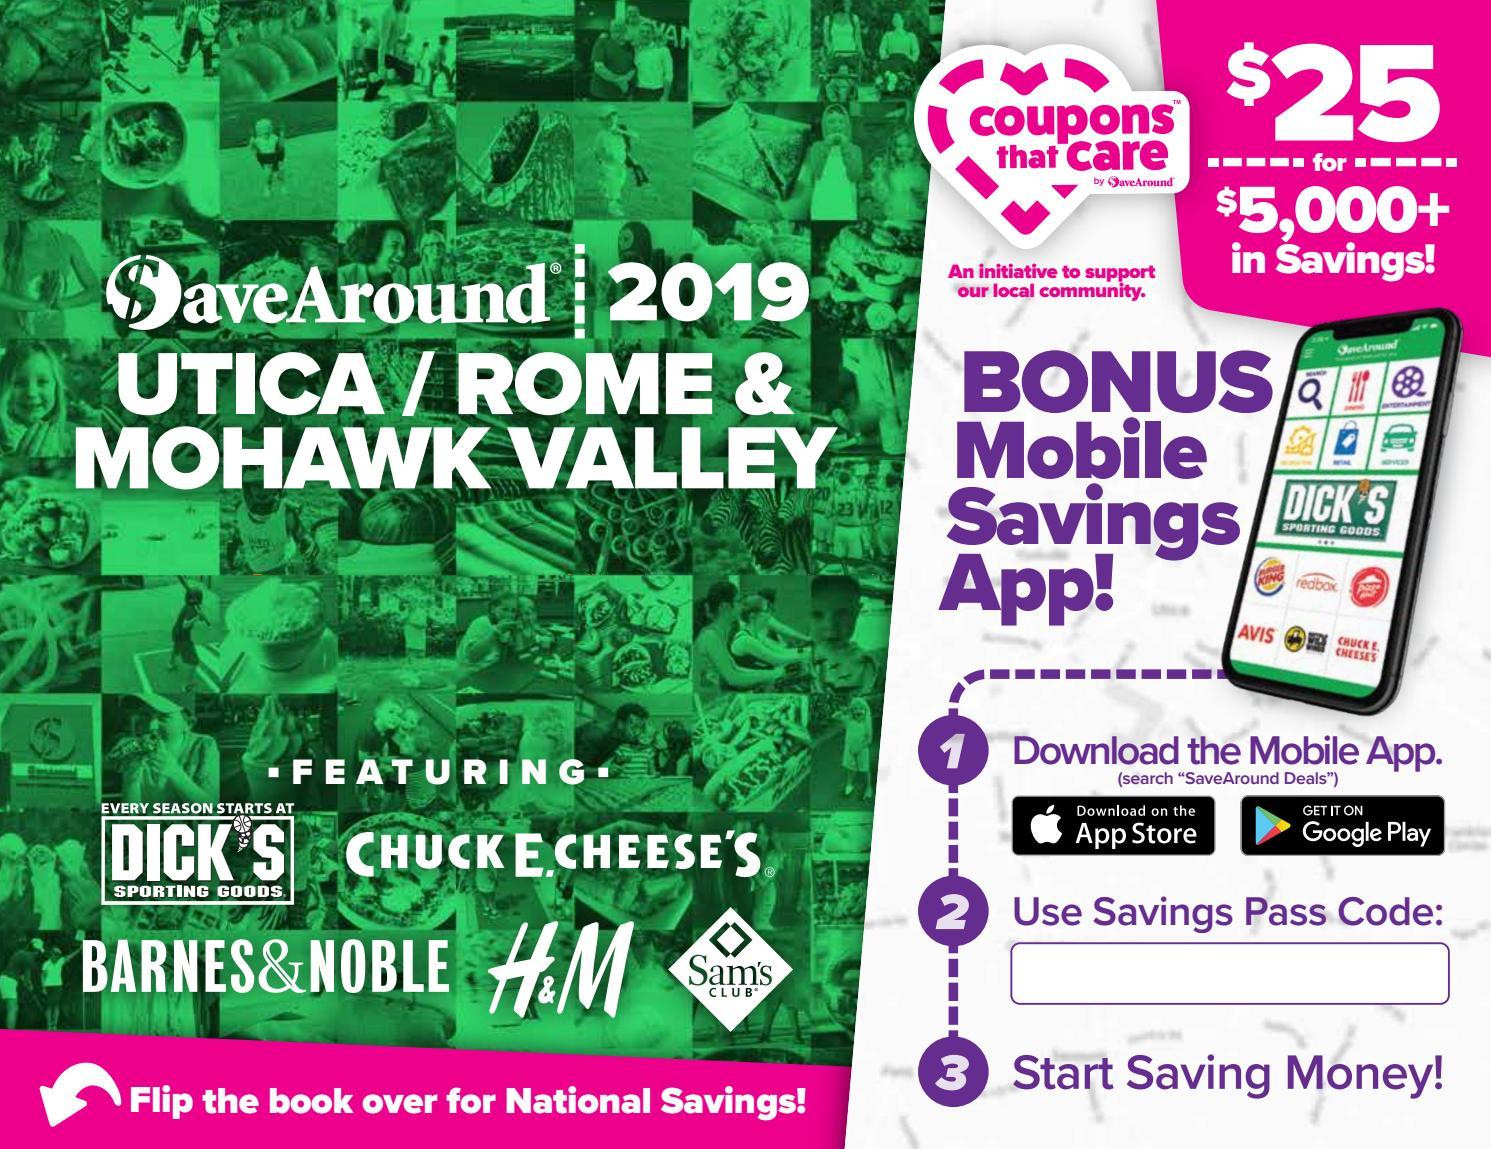 a9a3ae4ac Utica Rome NY by SaveAround - issuu